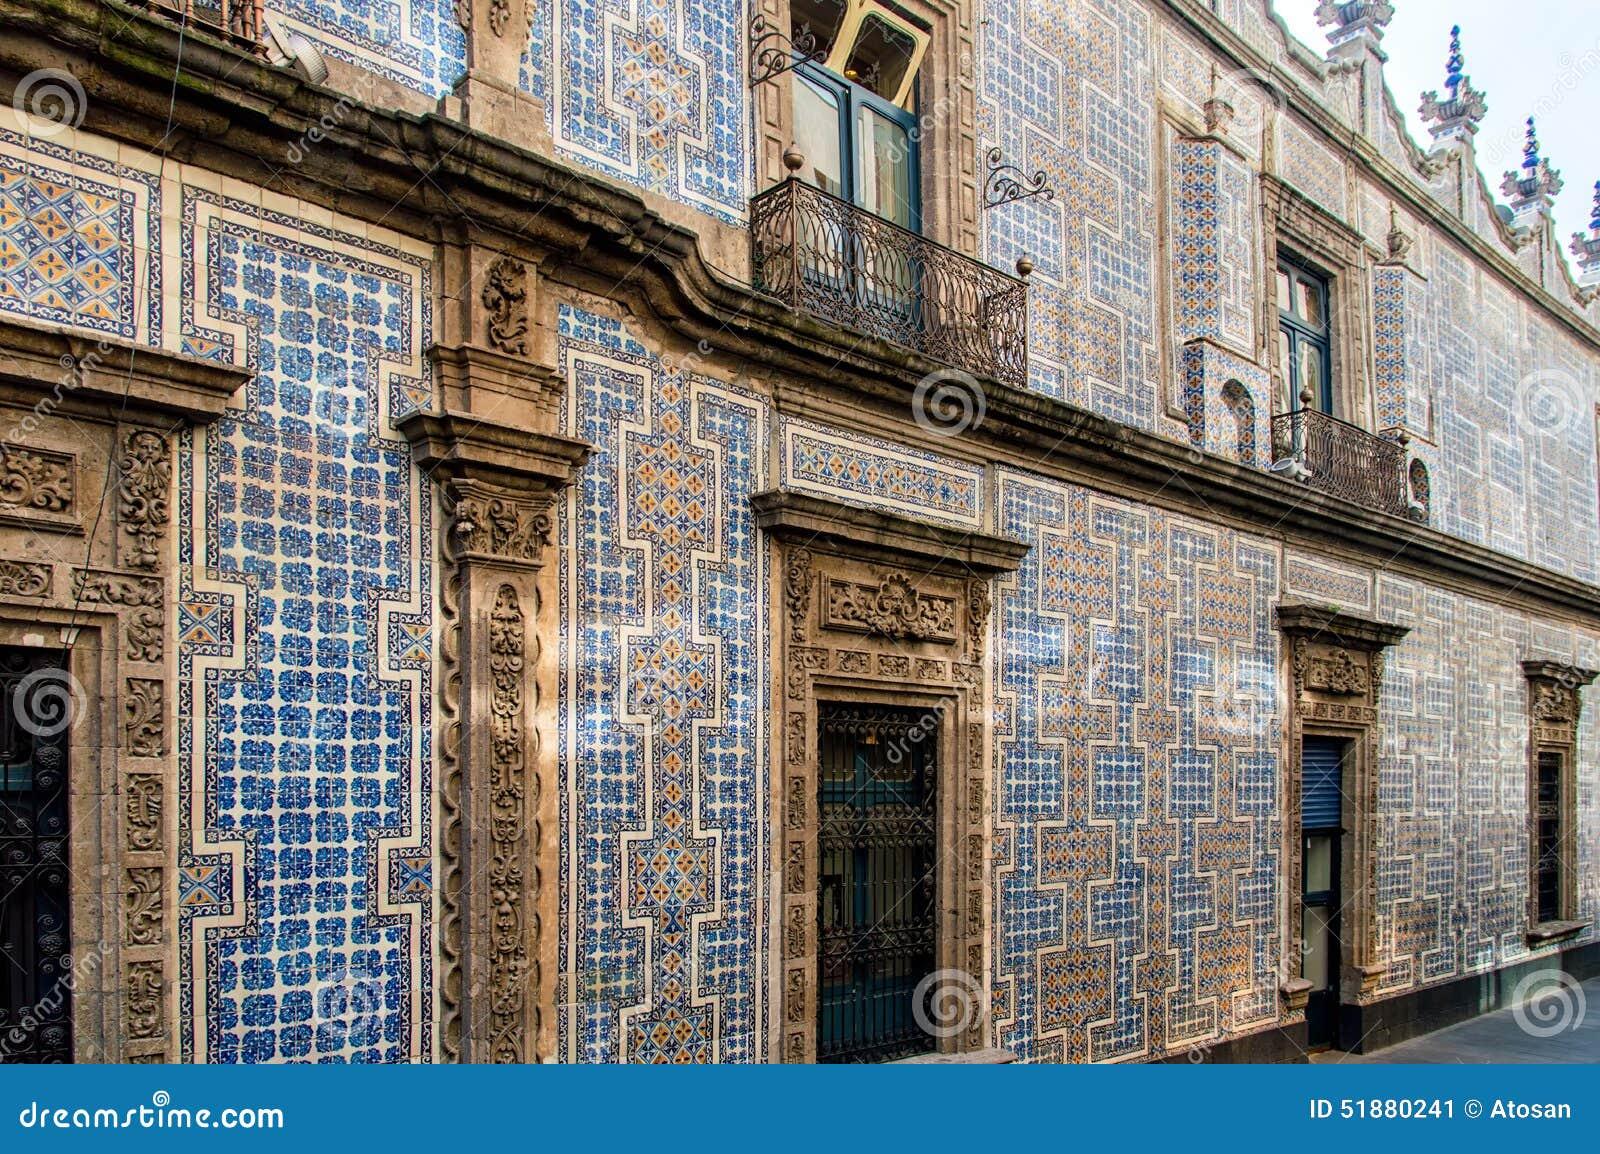 Casa de los azulejos stock photo image 51880241 for Casa de los azulejos en mexico